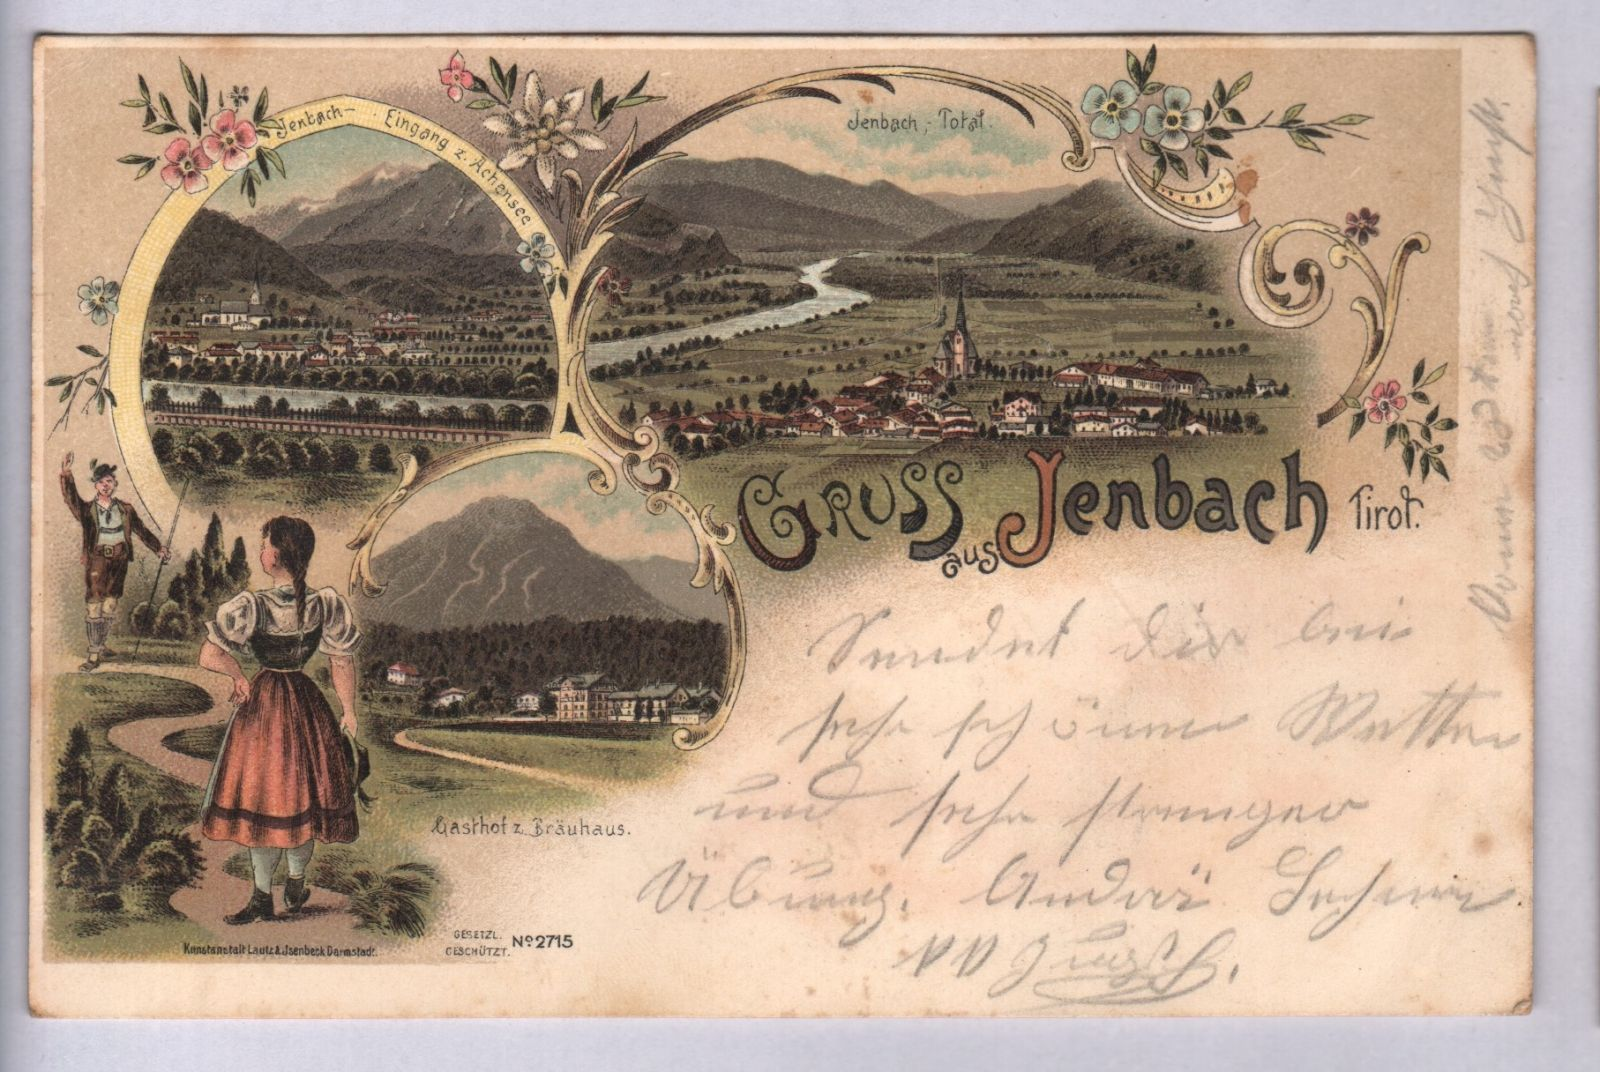 Gruss aus Jenbach